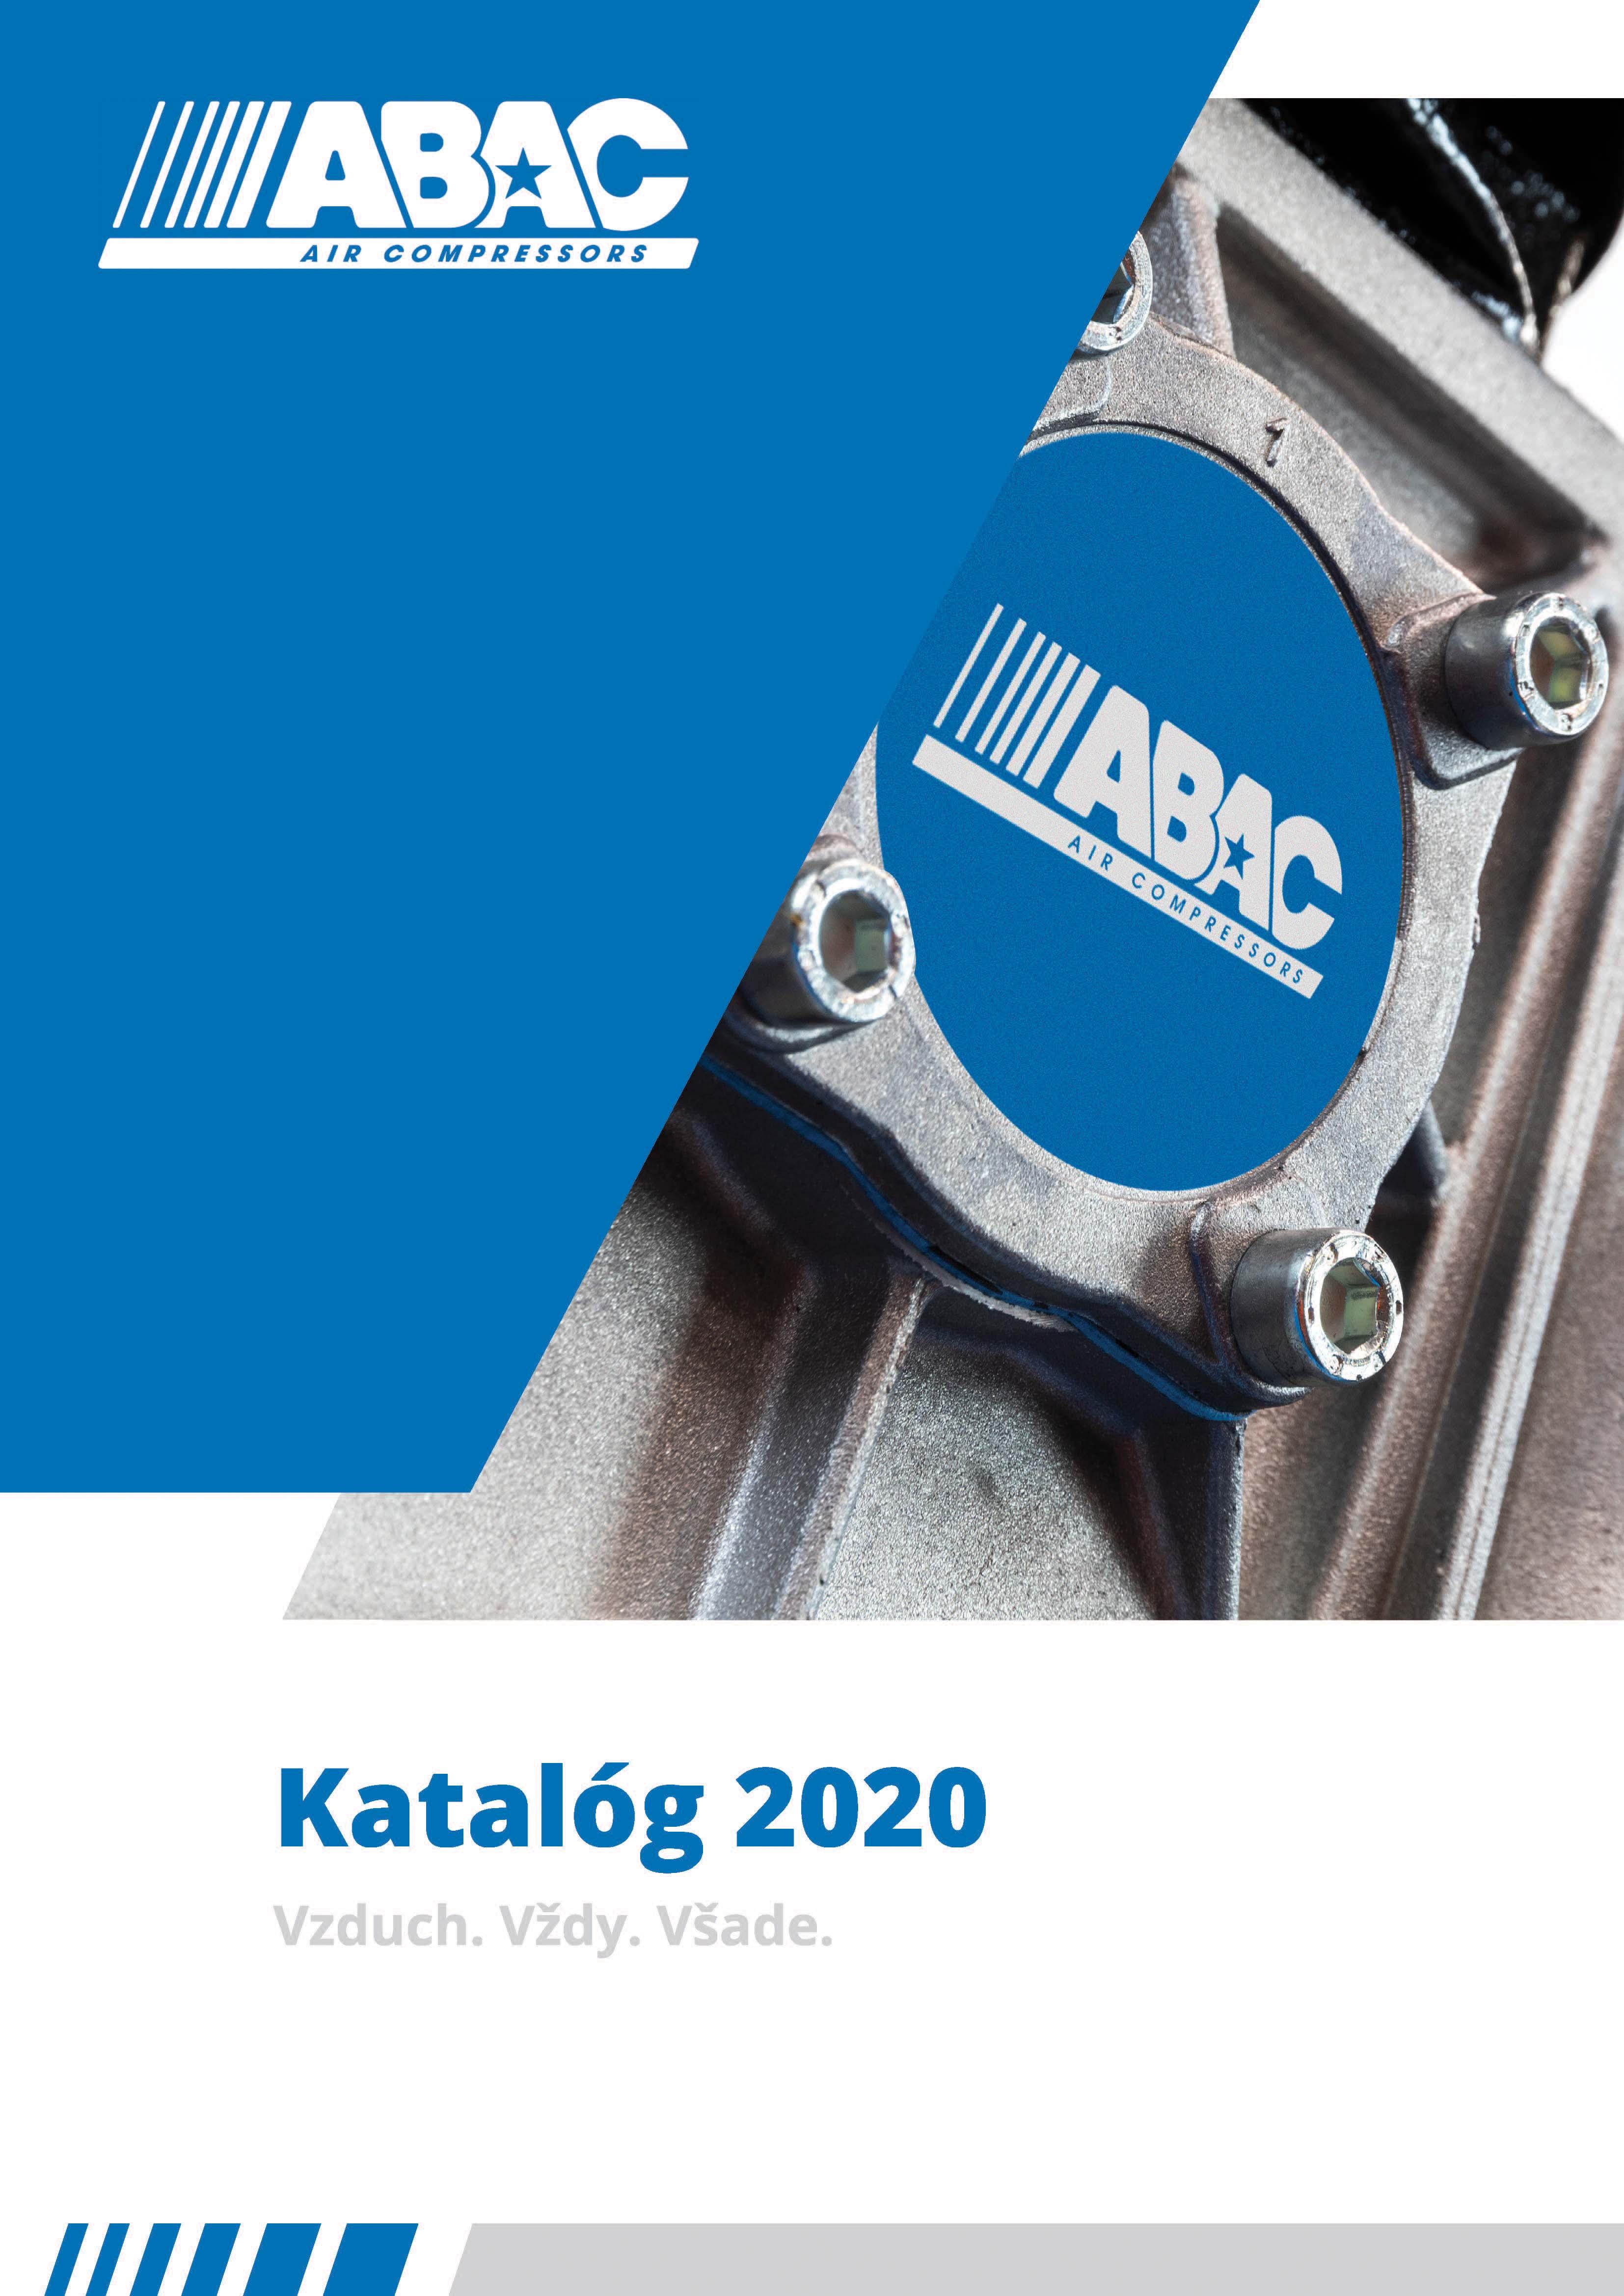 Katalóg ABAC 2020